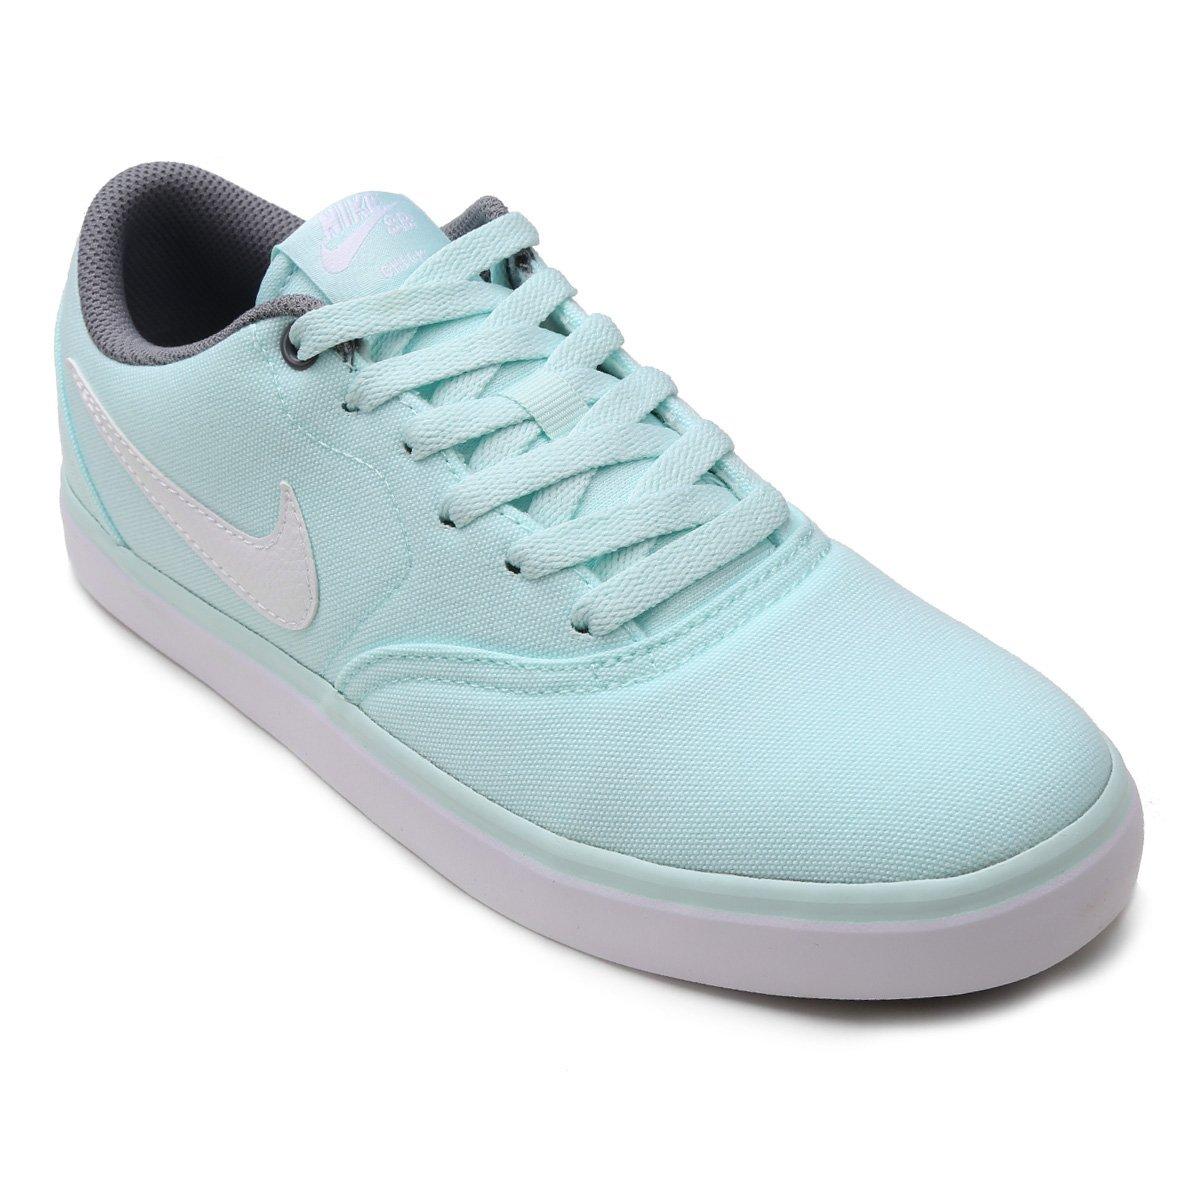 Tênis Nike Wmns Sb Check Solar Cnvs Feminino - Branco - Compre Agora ... e330c3ac2fdfe